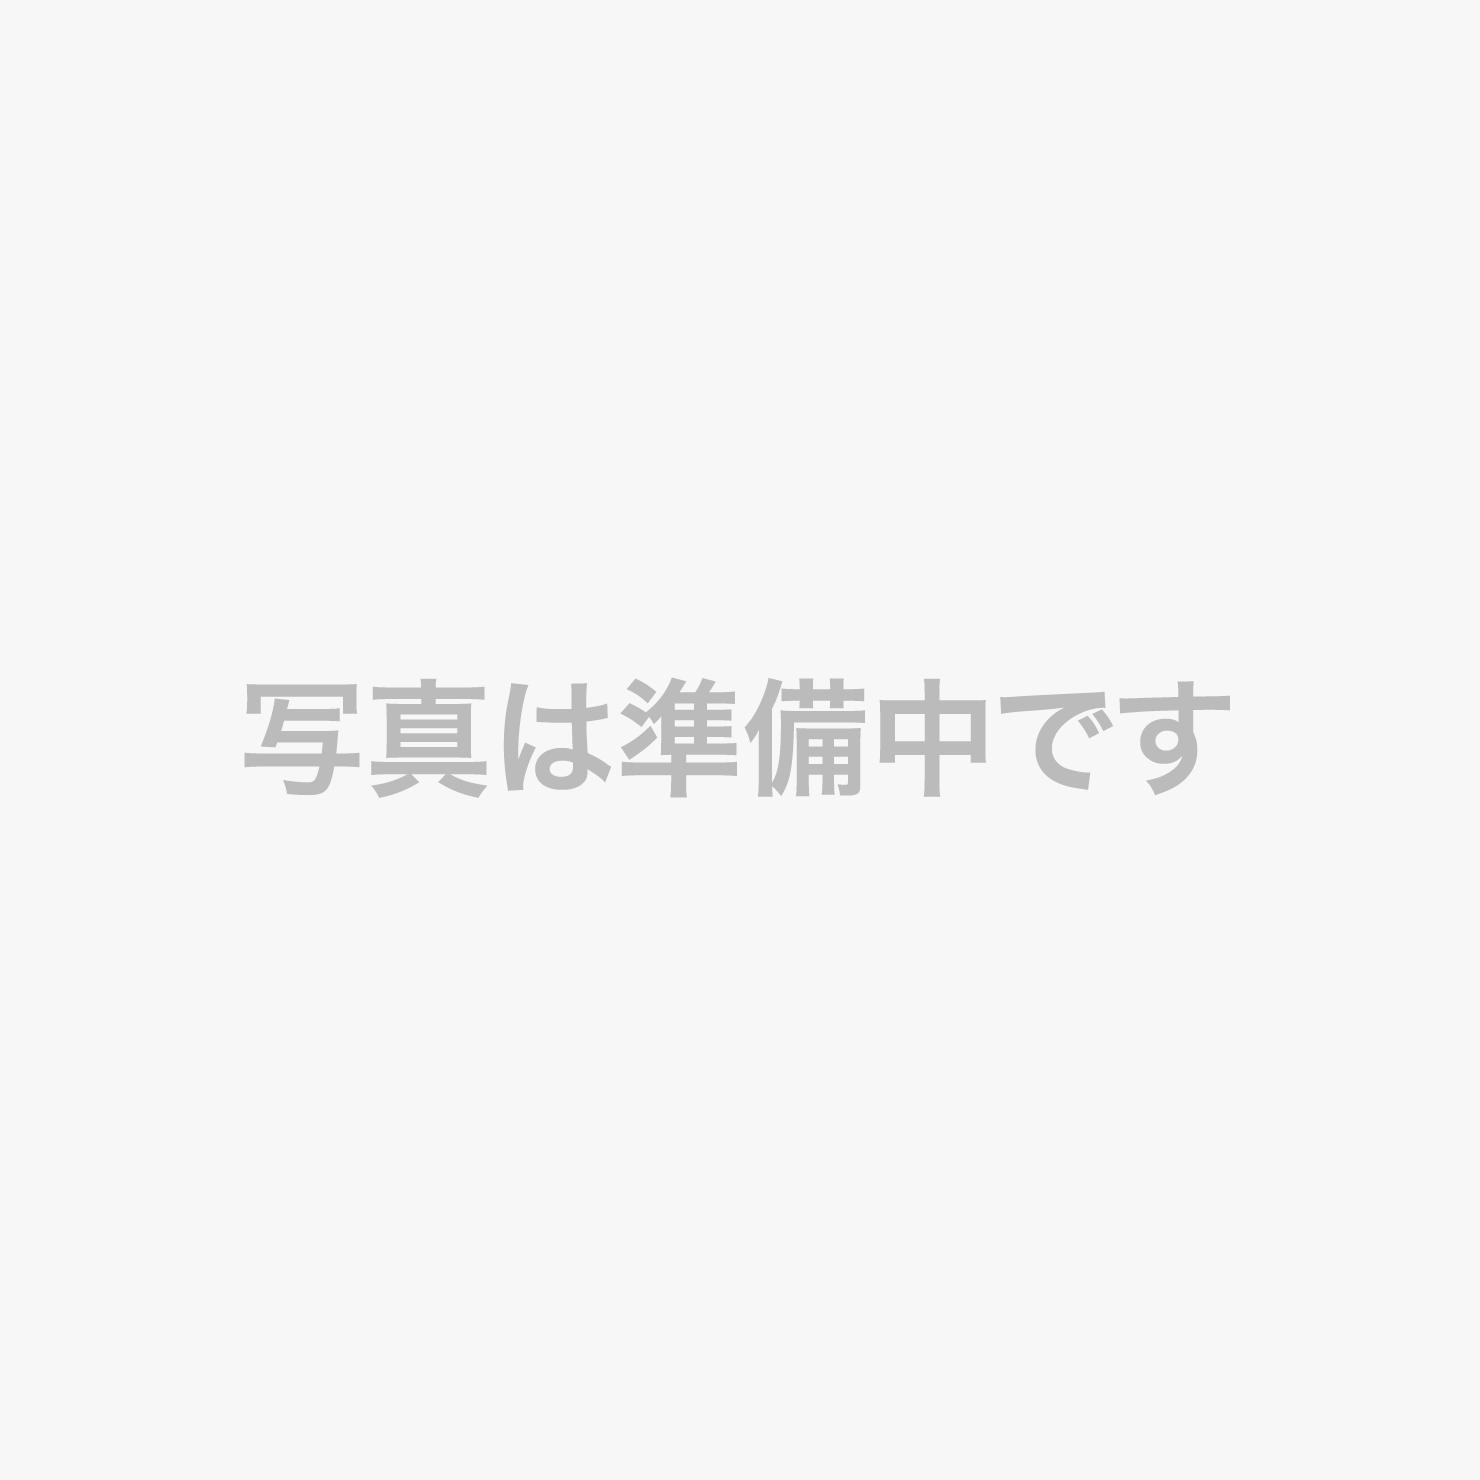 ~下仁田豚料理と季節の箱詰和膳 イメージ~ メイン料理のイメ―ジ写真になります。